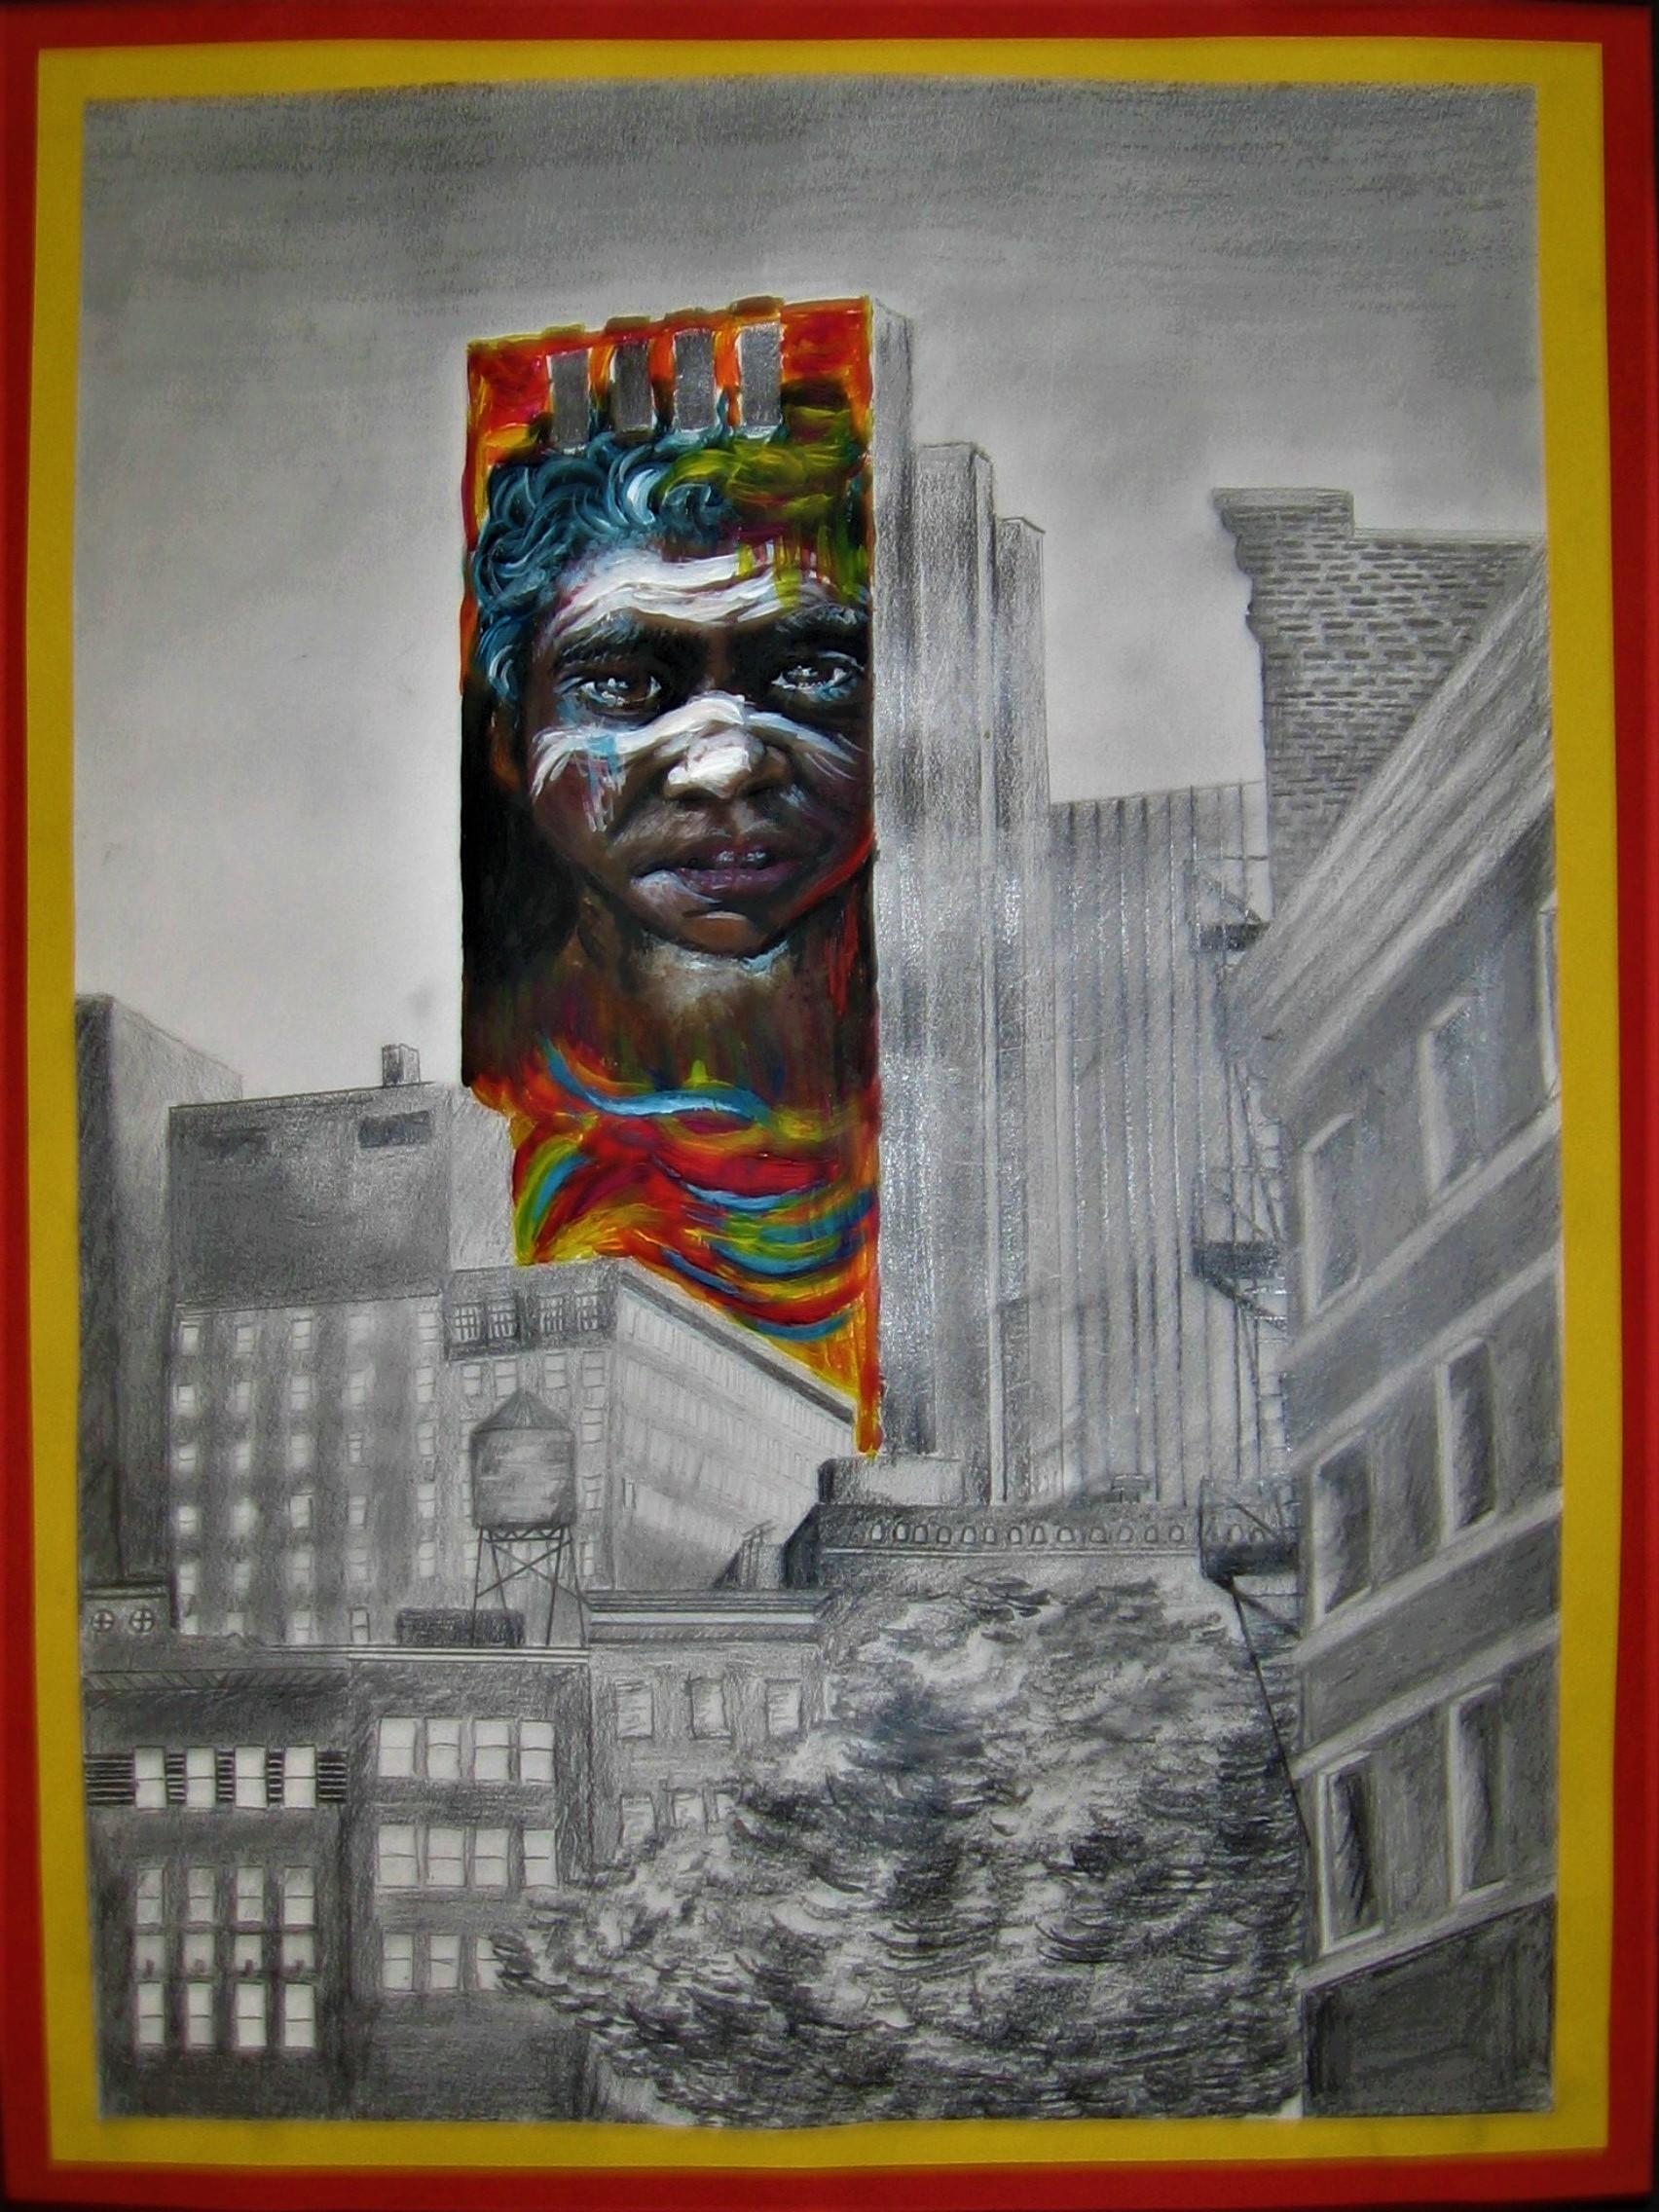 Muurschildering in de stad